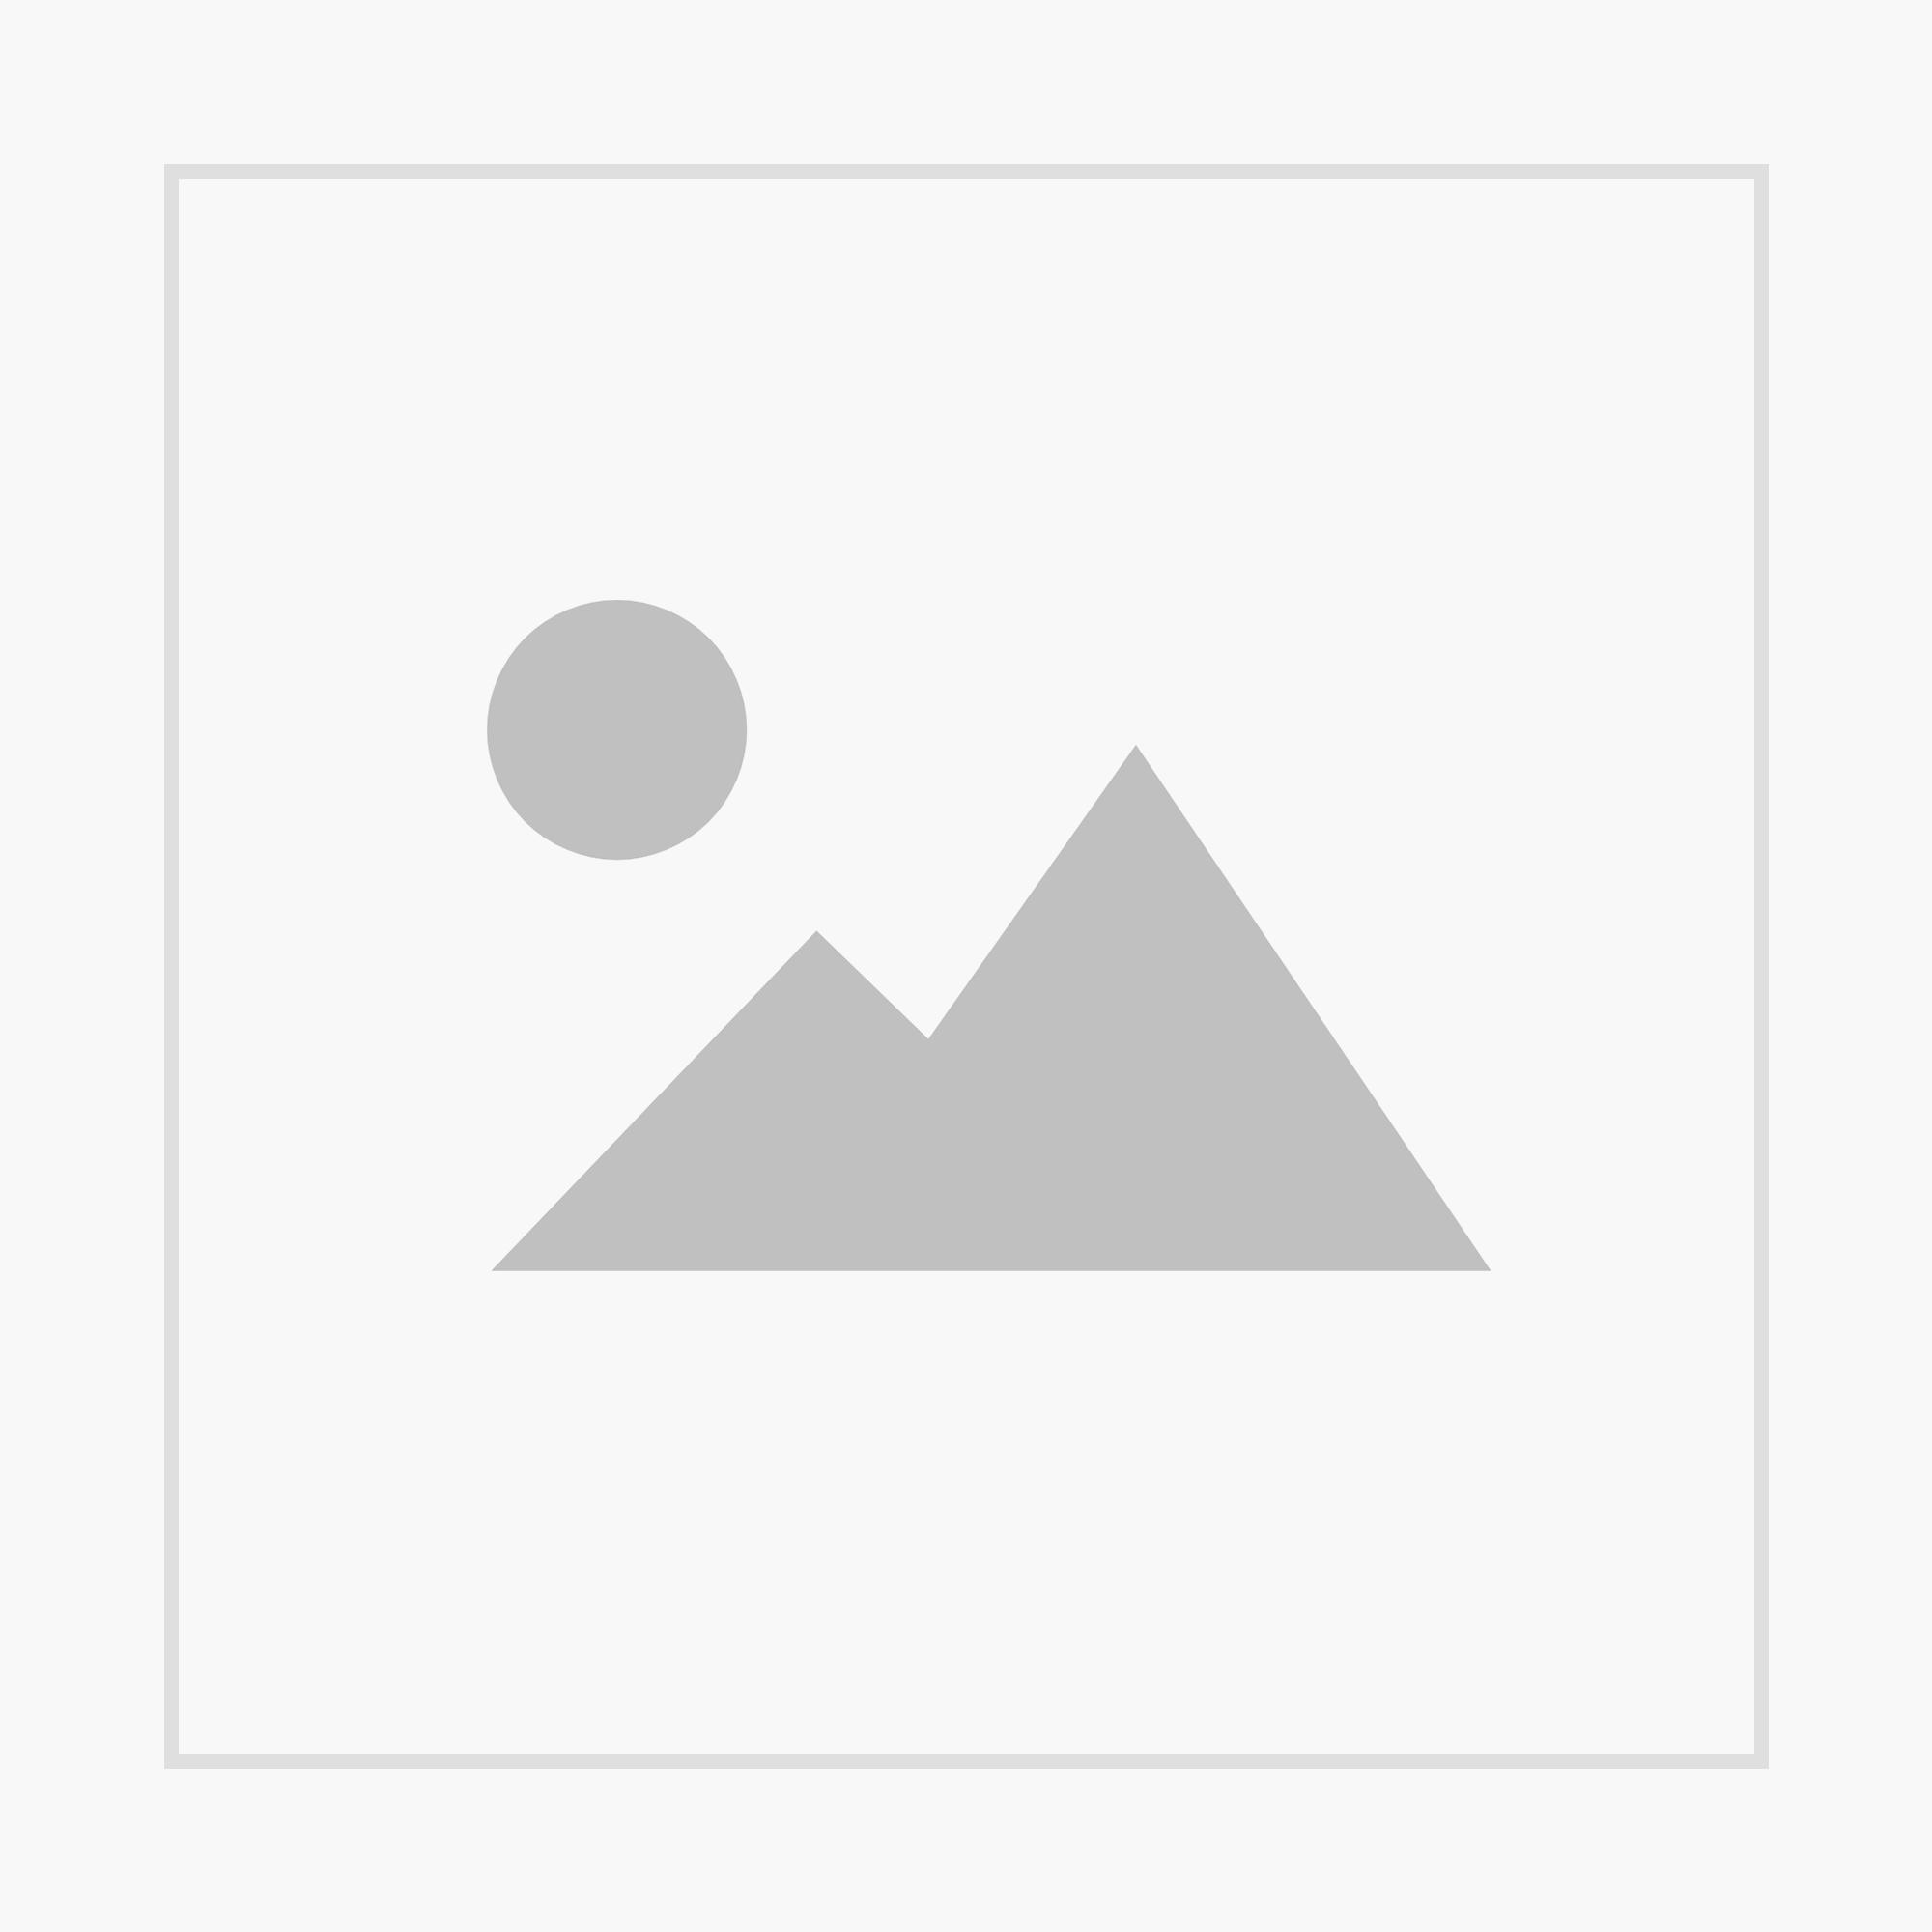 NaBiV Heft 55: Flächenpools und Flächenagenturen. Ein Handbuch zur Praxis.